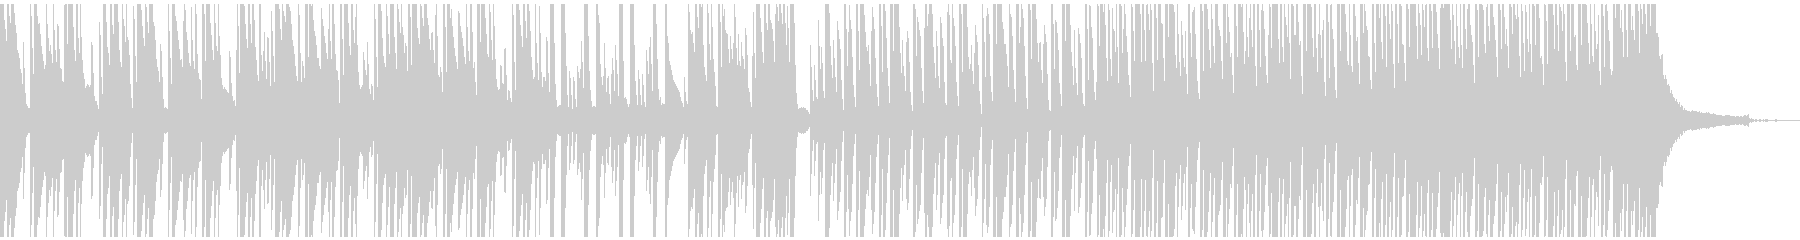 さりげなくハッピーでかわいい3拍子ピアノの未再生の波形